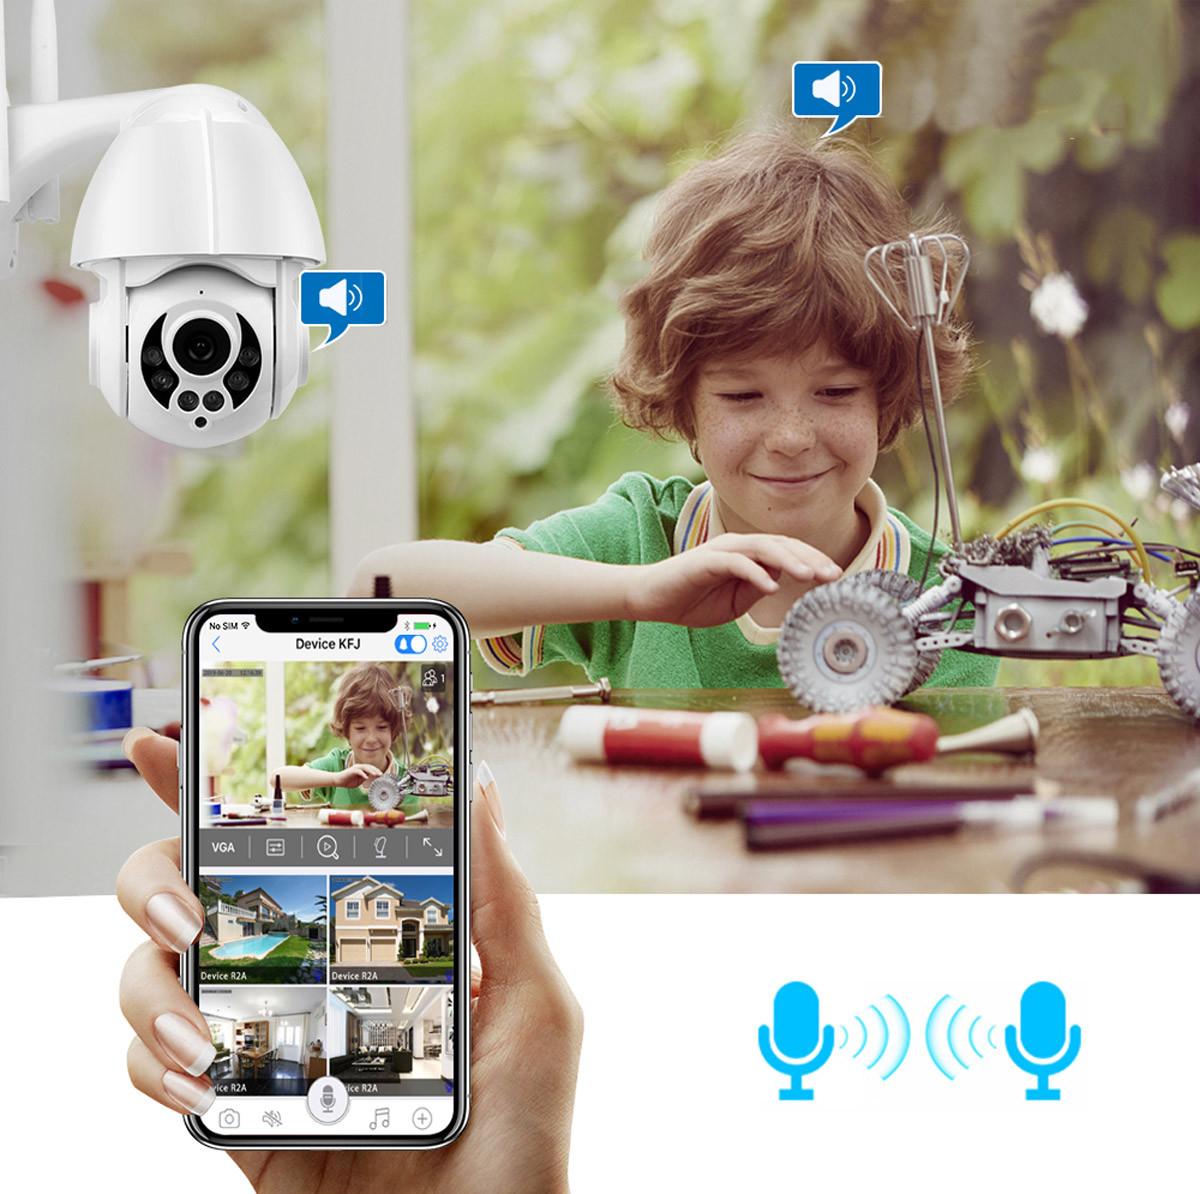 Kamera IP na tle bawiącego się dziecka